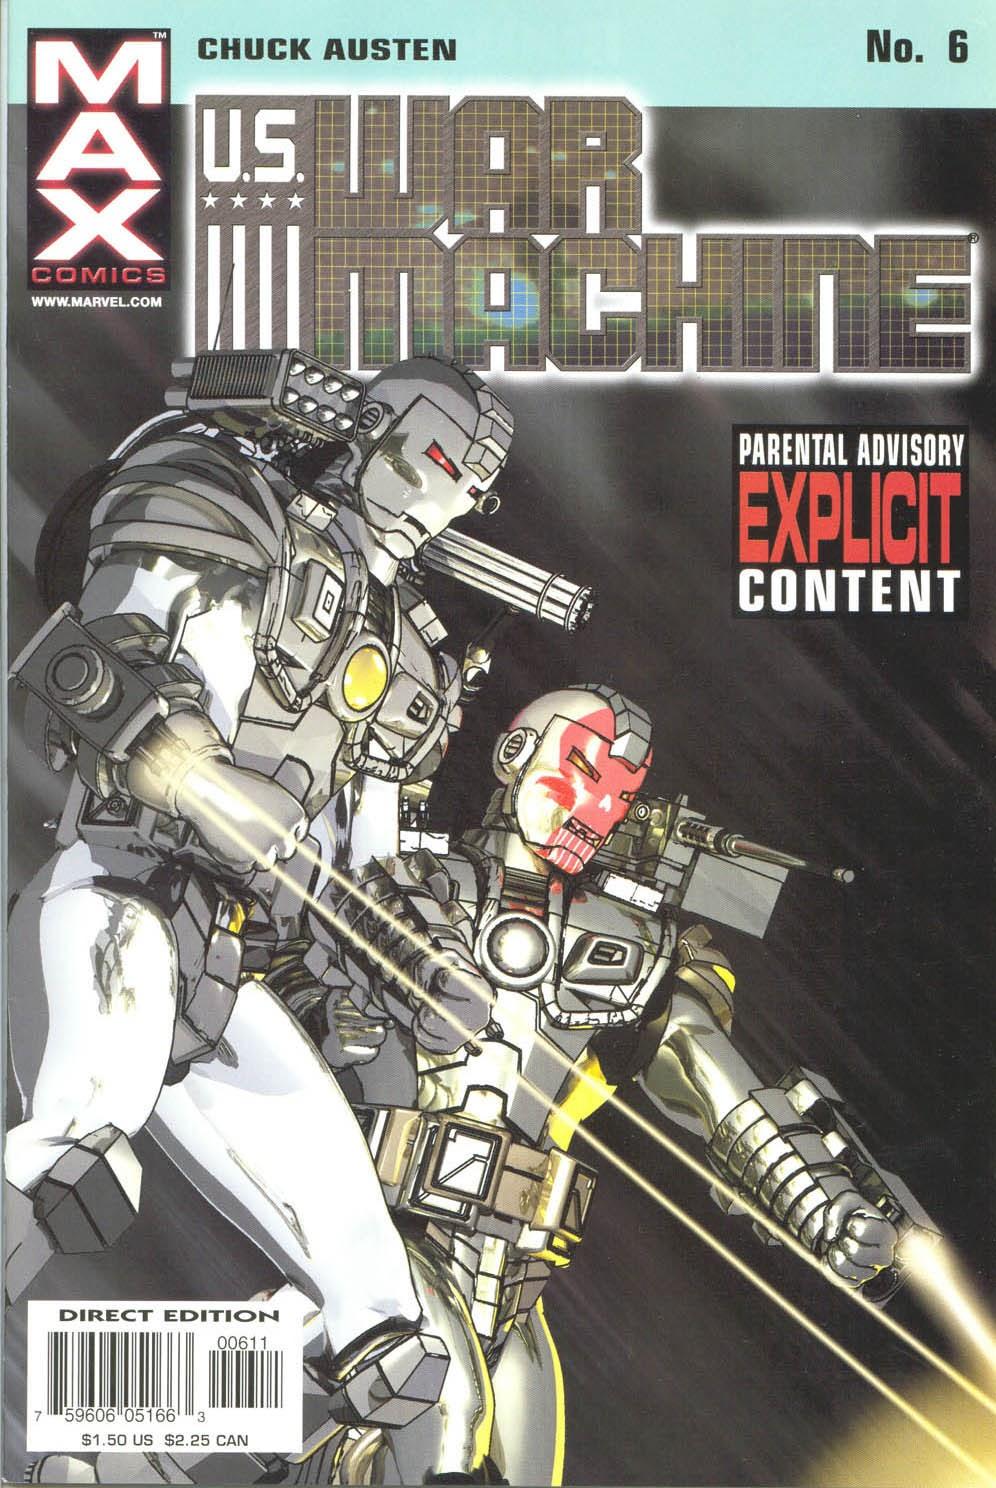 Read online U.S. War Machine comic -  Issue #6 - 2